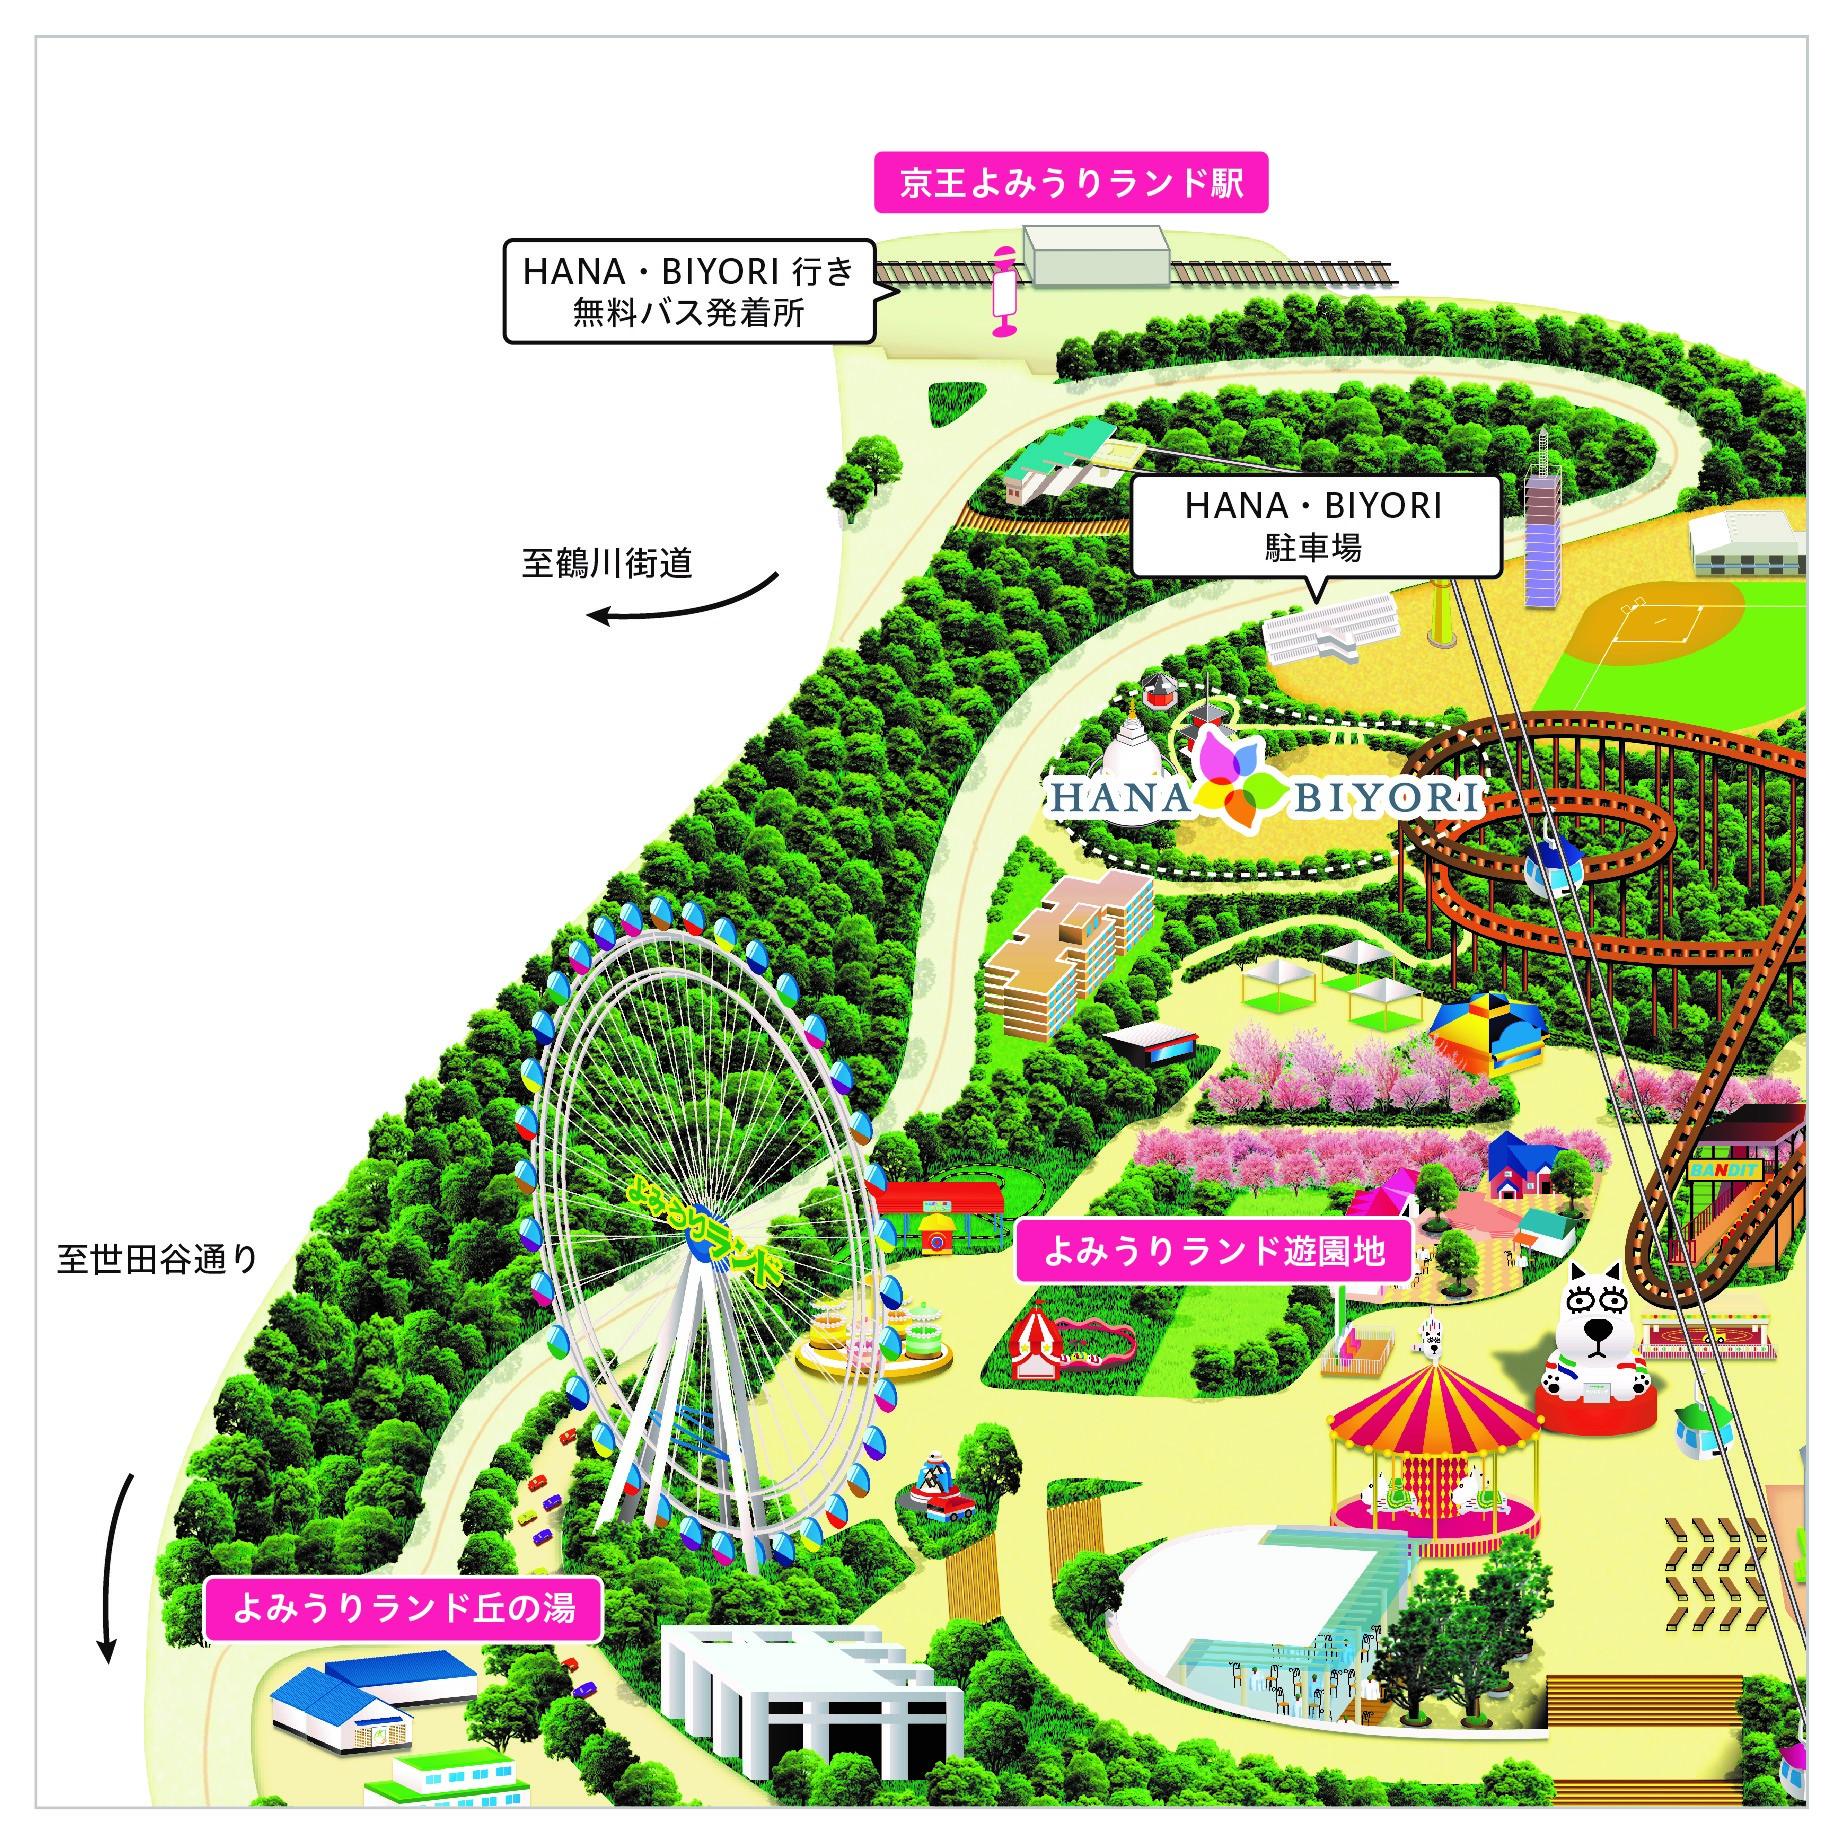 新感覚フラワーパークがよみうりランドに誕生!植物園では日本初出店のスターバックスも